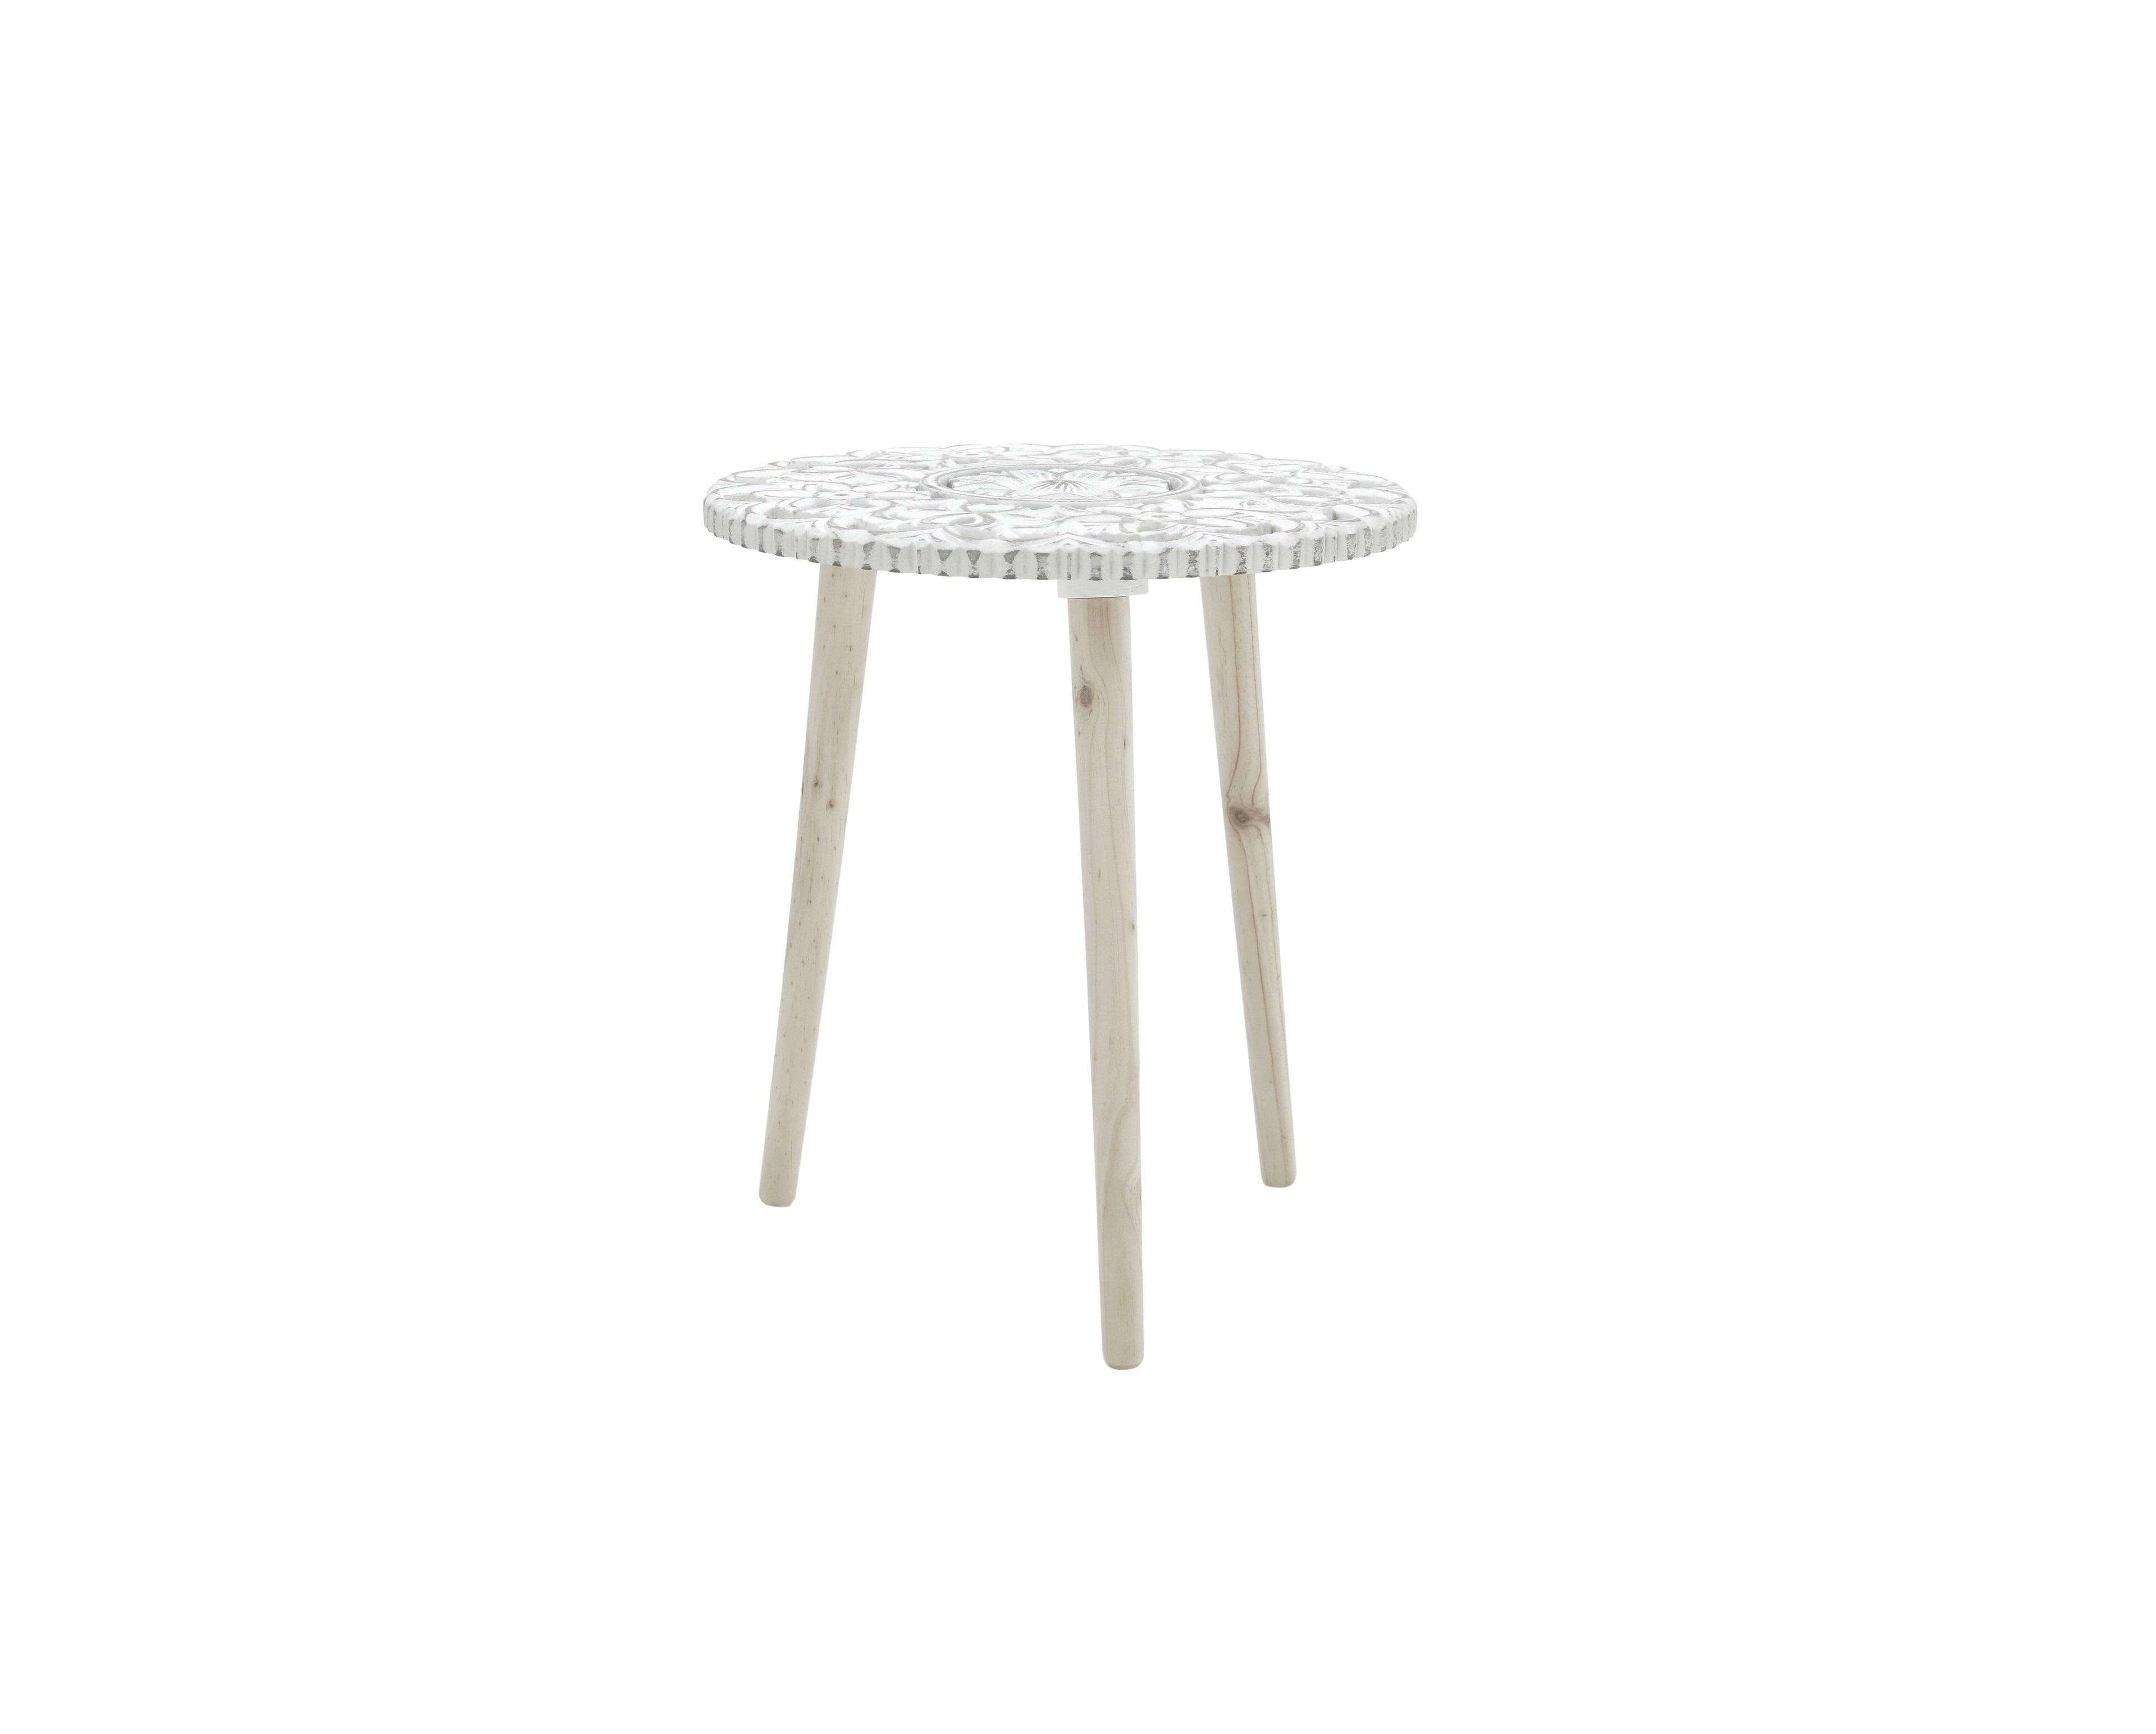 Стол AwersКофейные столики<br><br><br>Material: Дерево<br>Ширина см: 40.0<br>Высота см: 46.0<br>Глубина см: 40.0